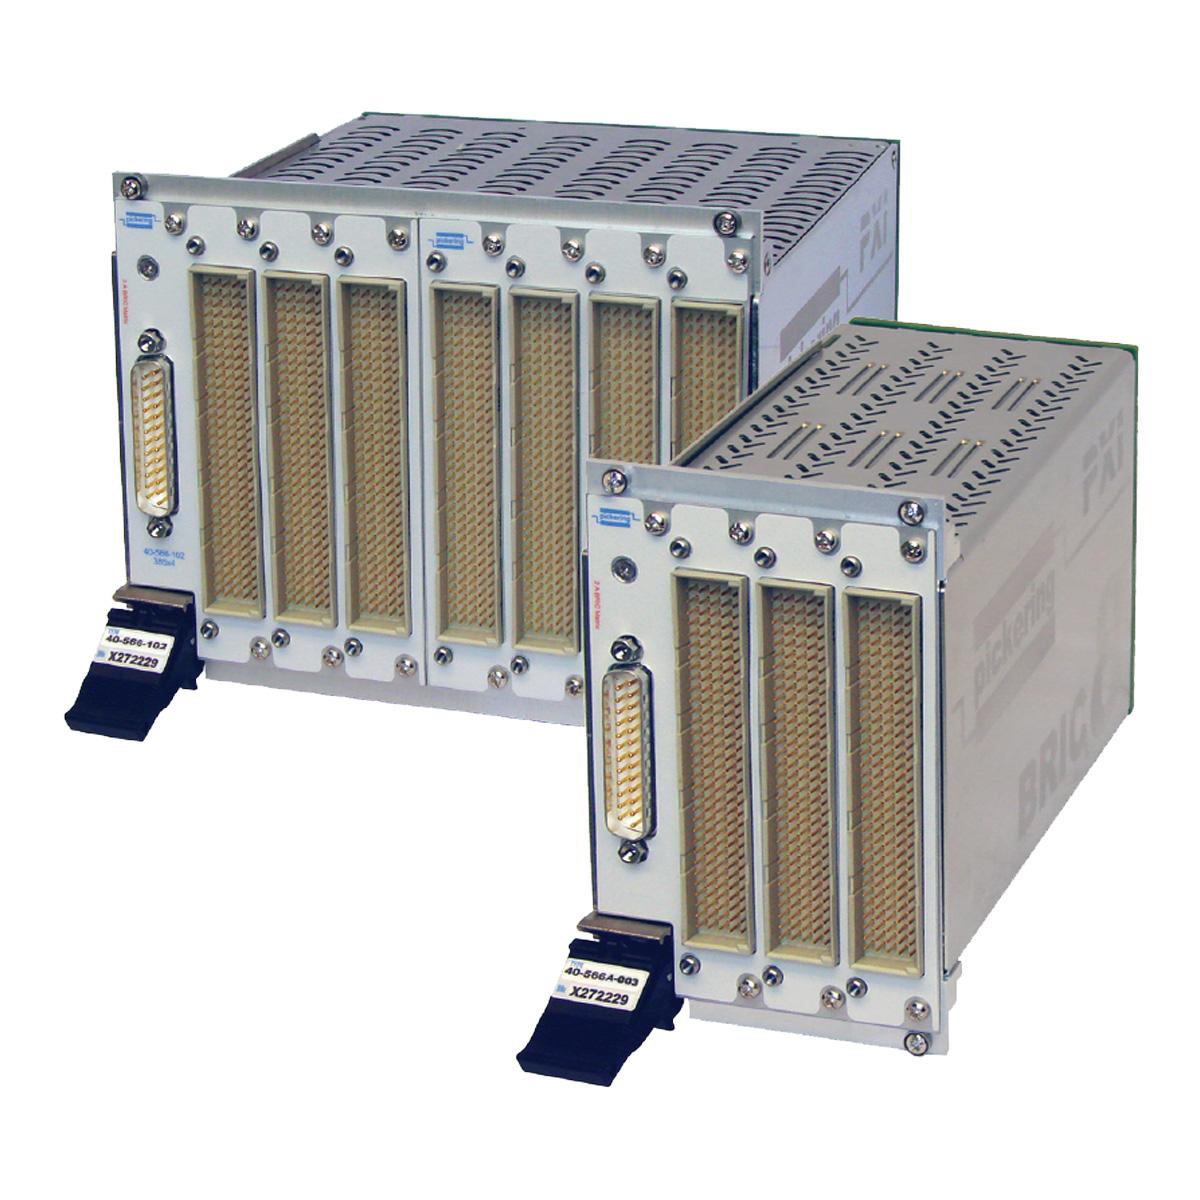 2 Amp PXI Large Matrix Modules - BRIC